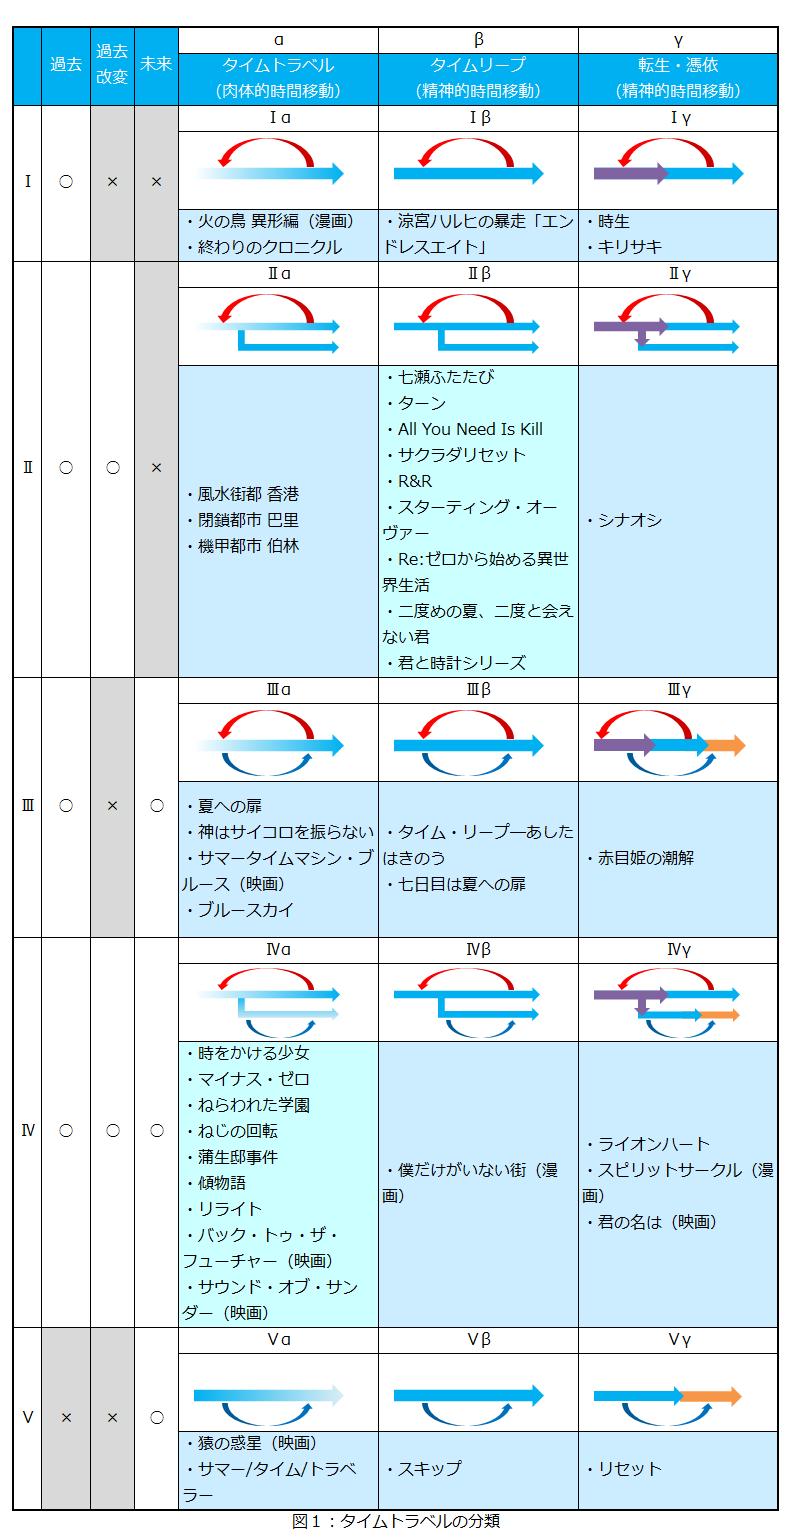 図1 タイムトラベルの分類